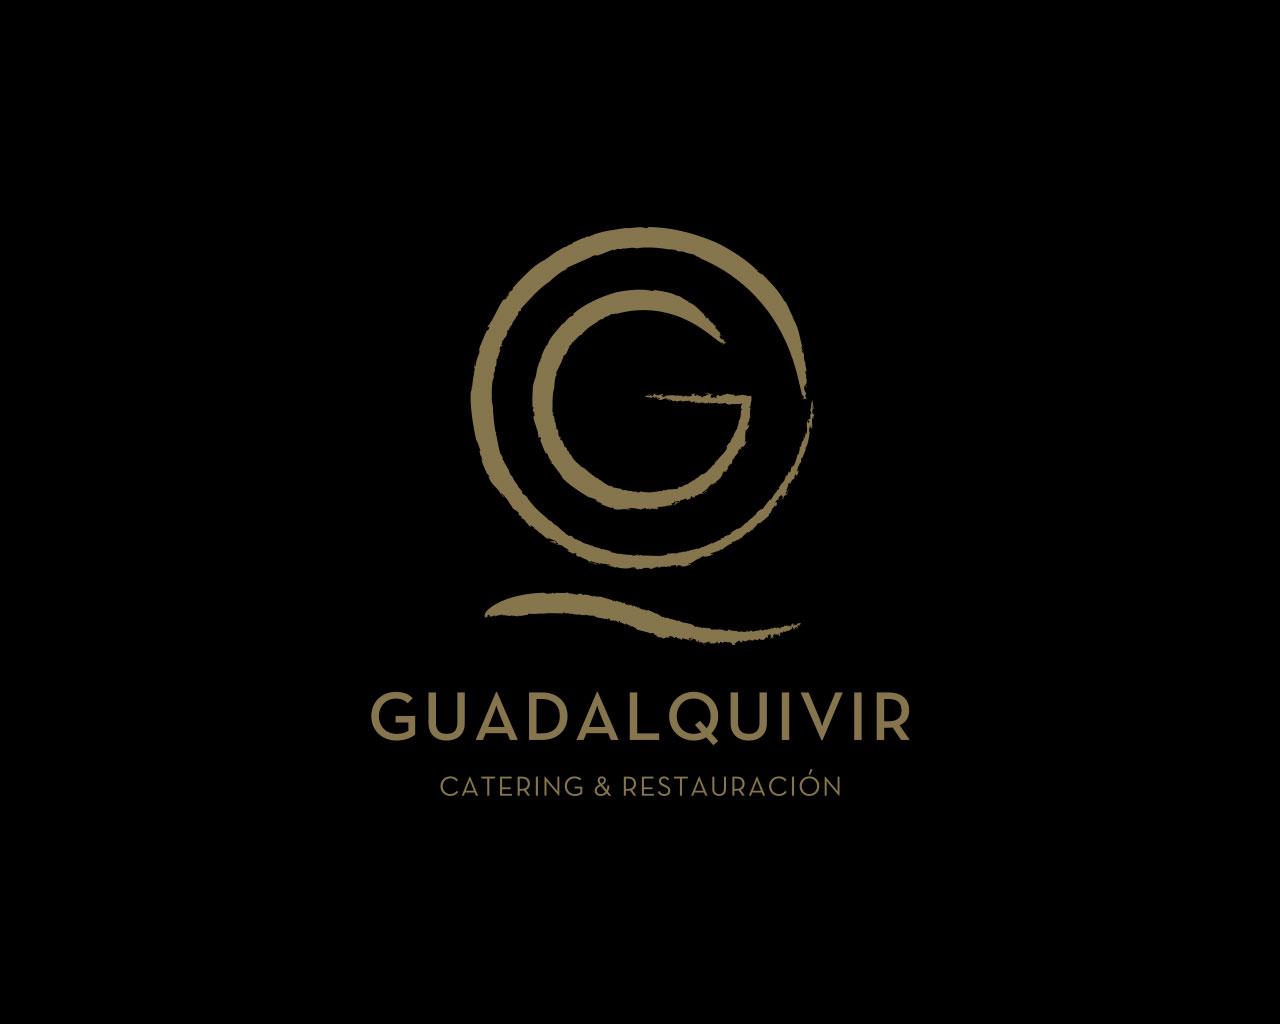 Diseño de marca Guadalquivir Catering por Momo & Cía.